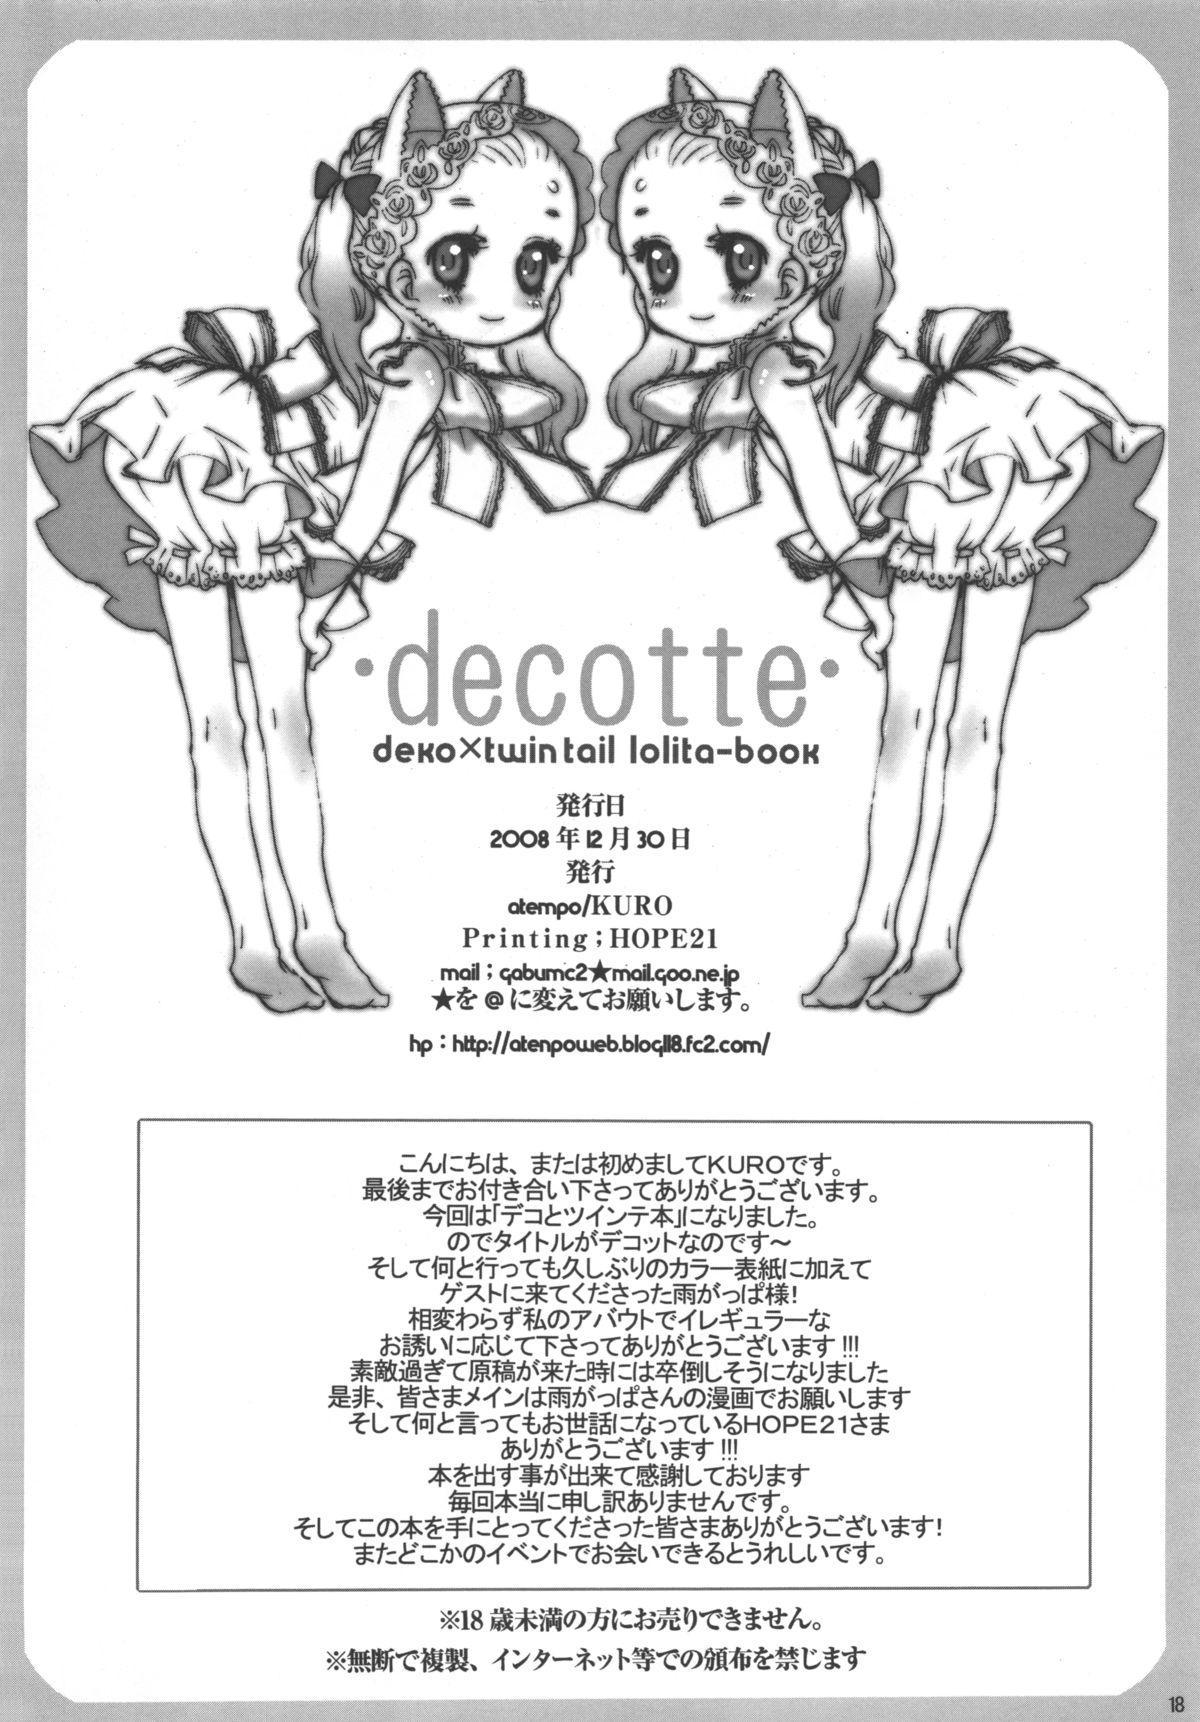 decotte. 18